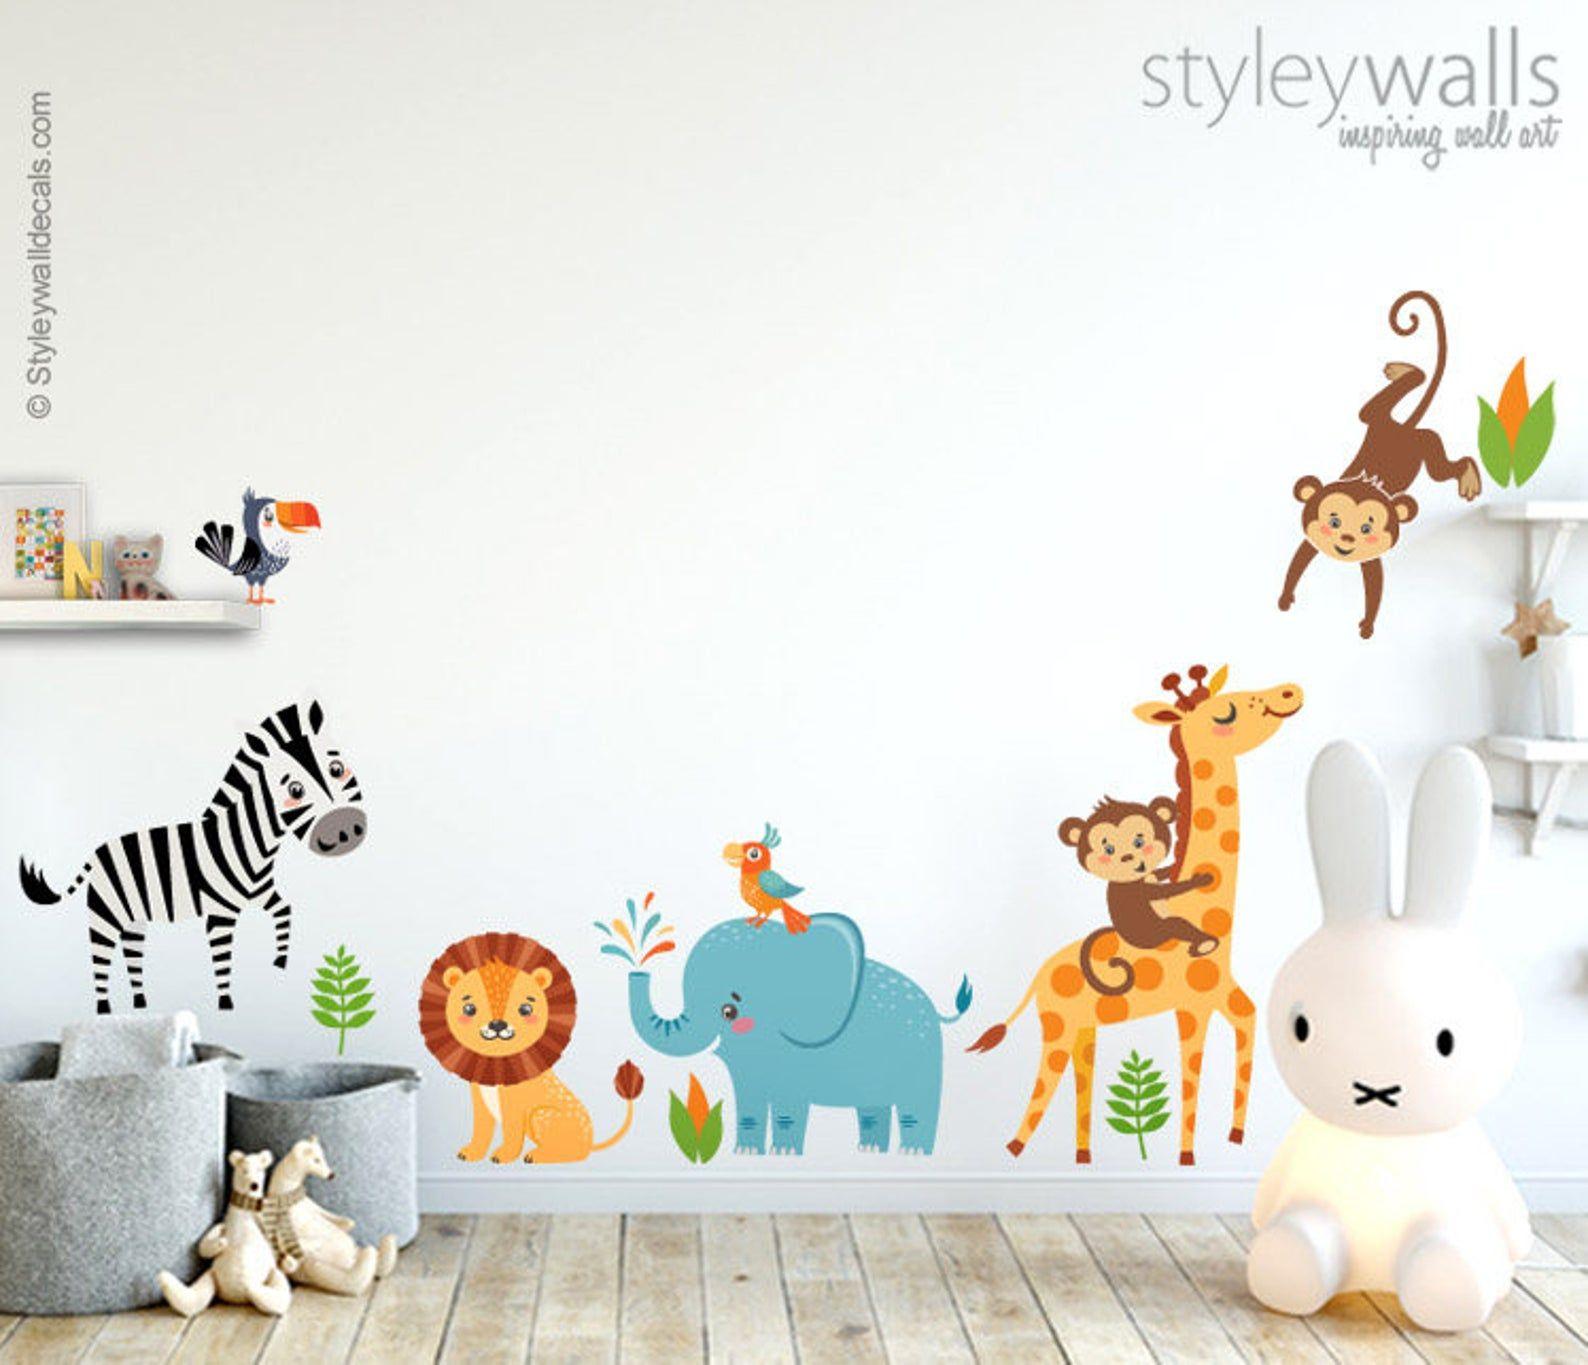 Dschungel Tiere Wandtattoo, Dschungel Wand Aufkleber